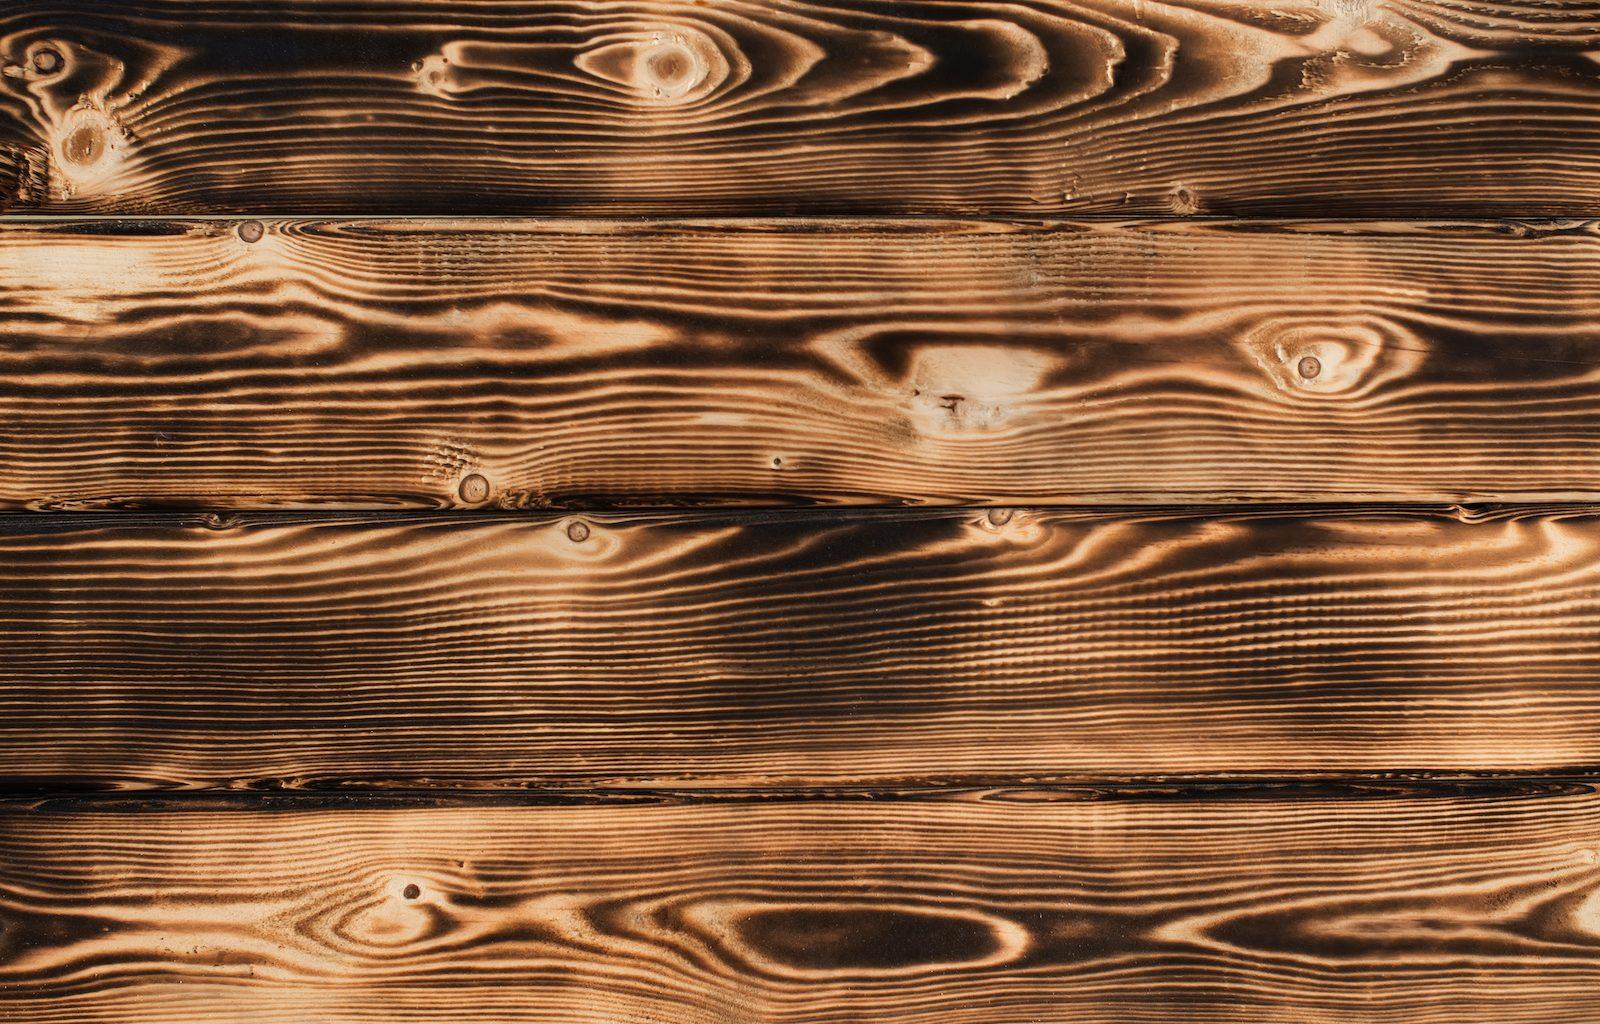 Burnt Wood Effect